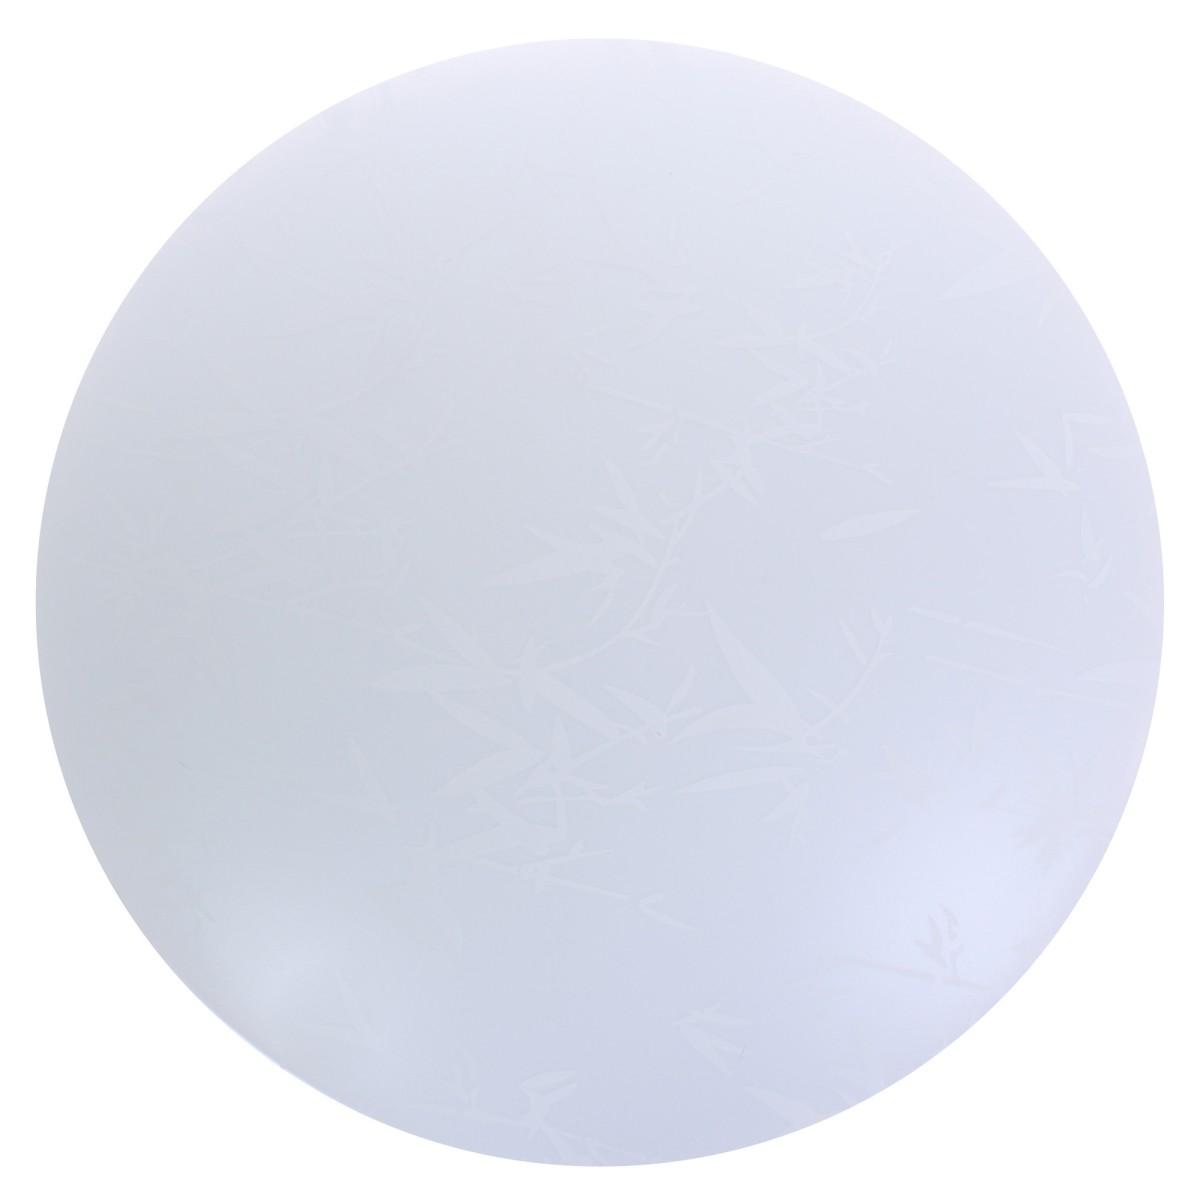 Настенно-потолочный светильник светодиодный Jungle C07LLW 12 Вт 780 Лм свет холодный белый